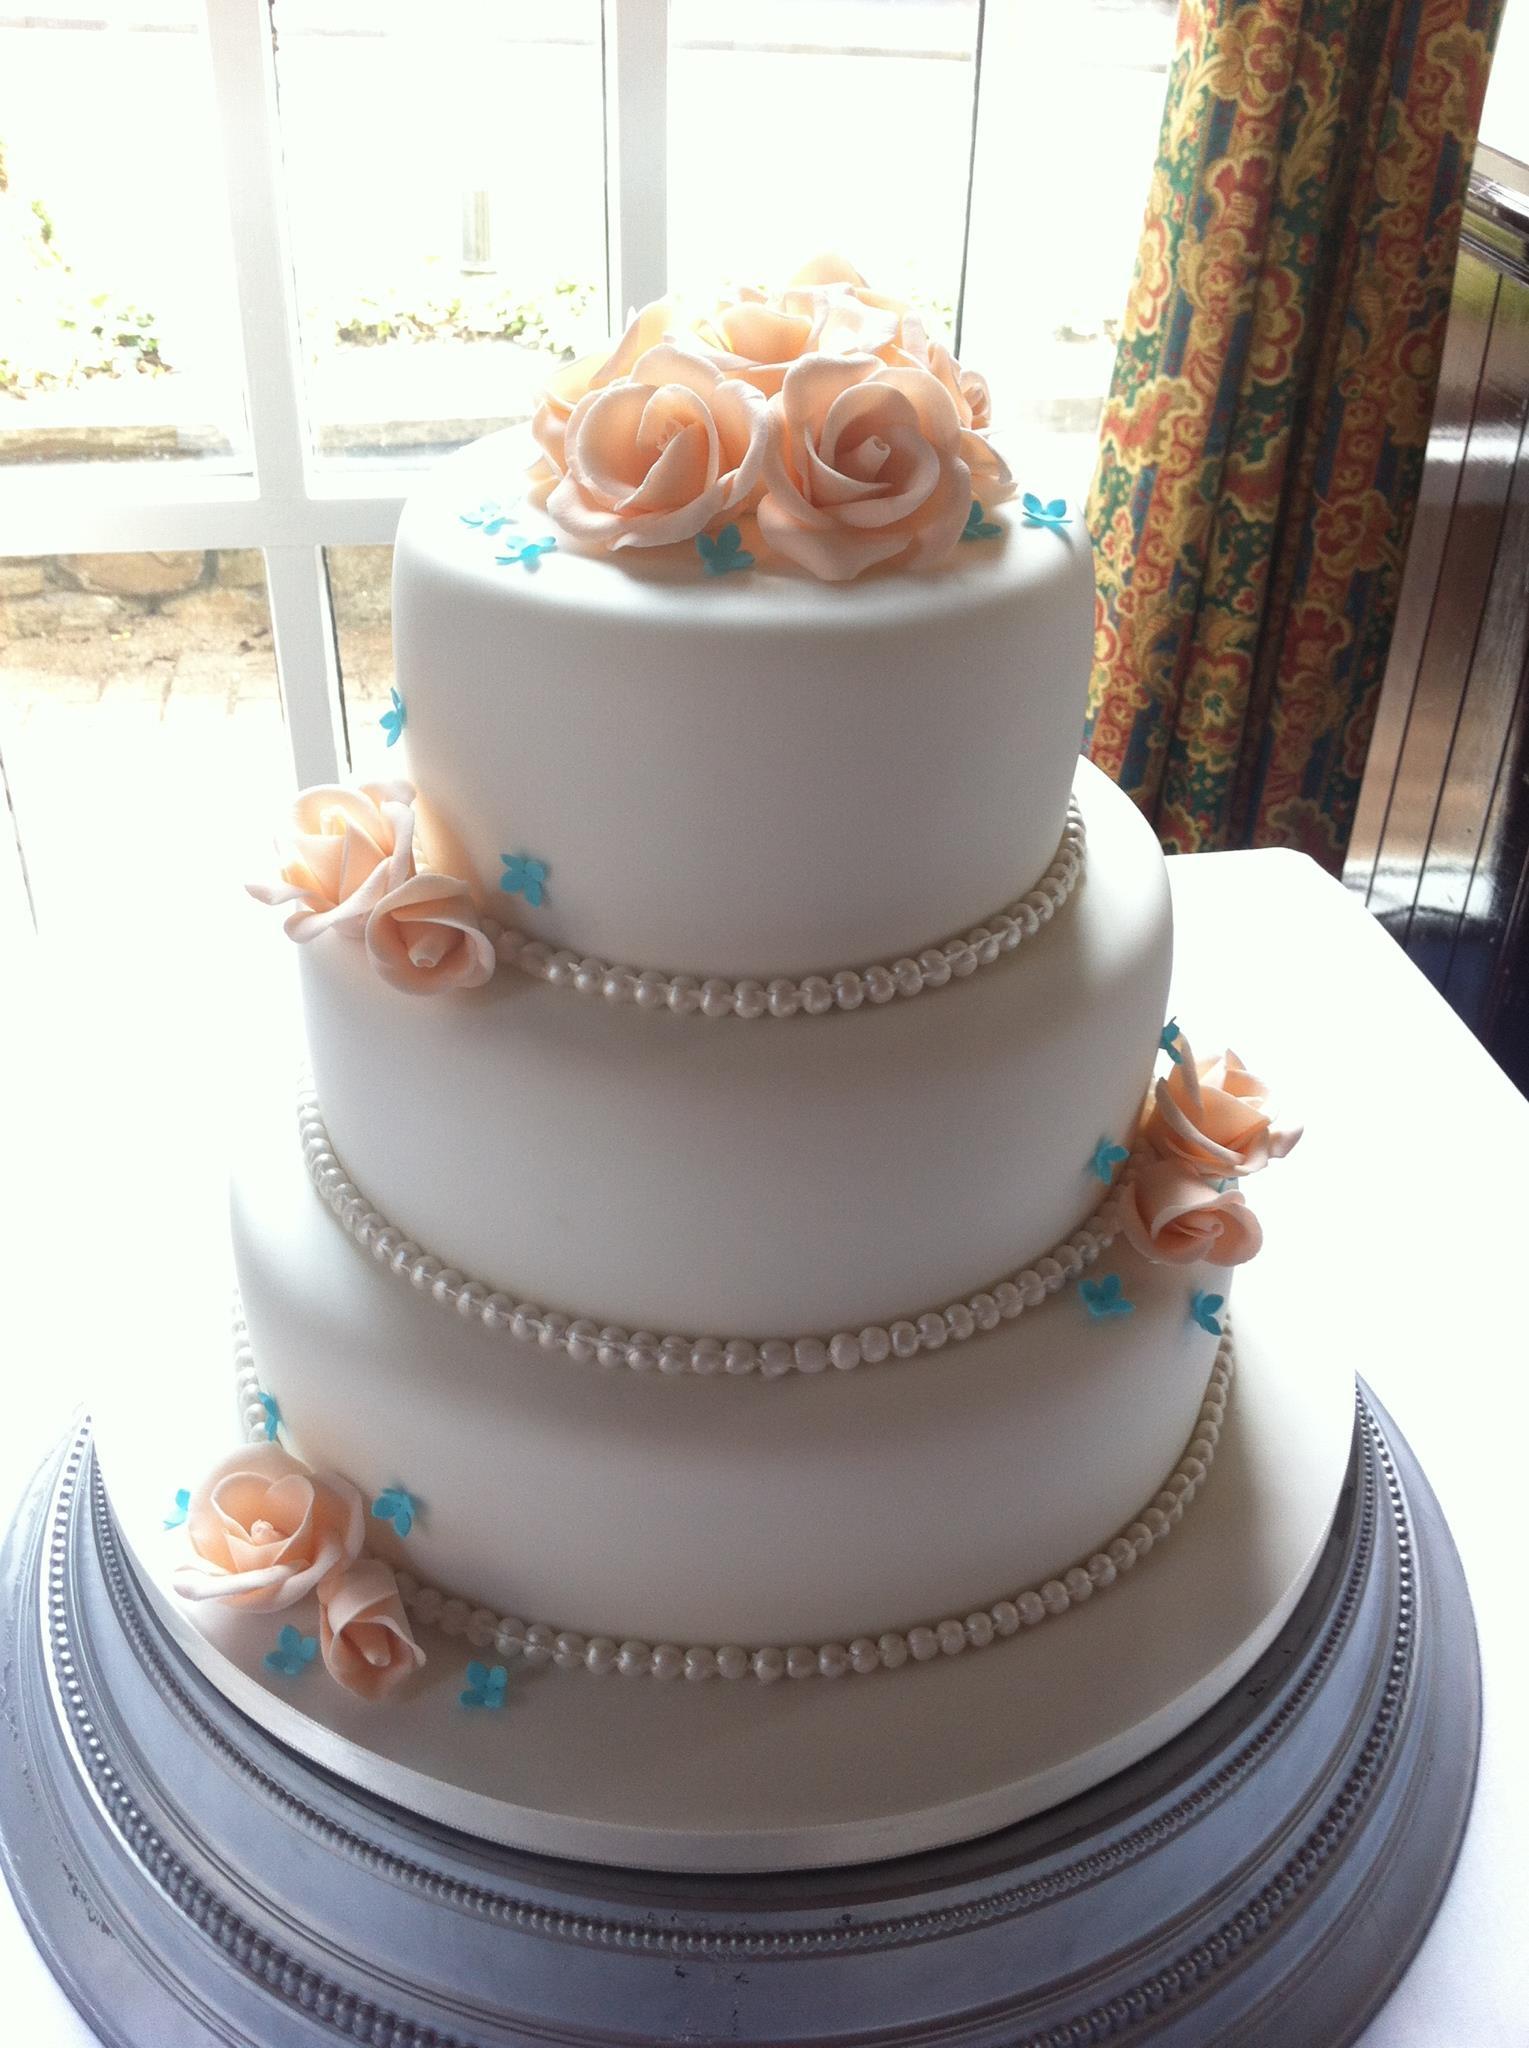 Sarahs Cake Decorating